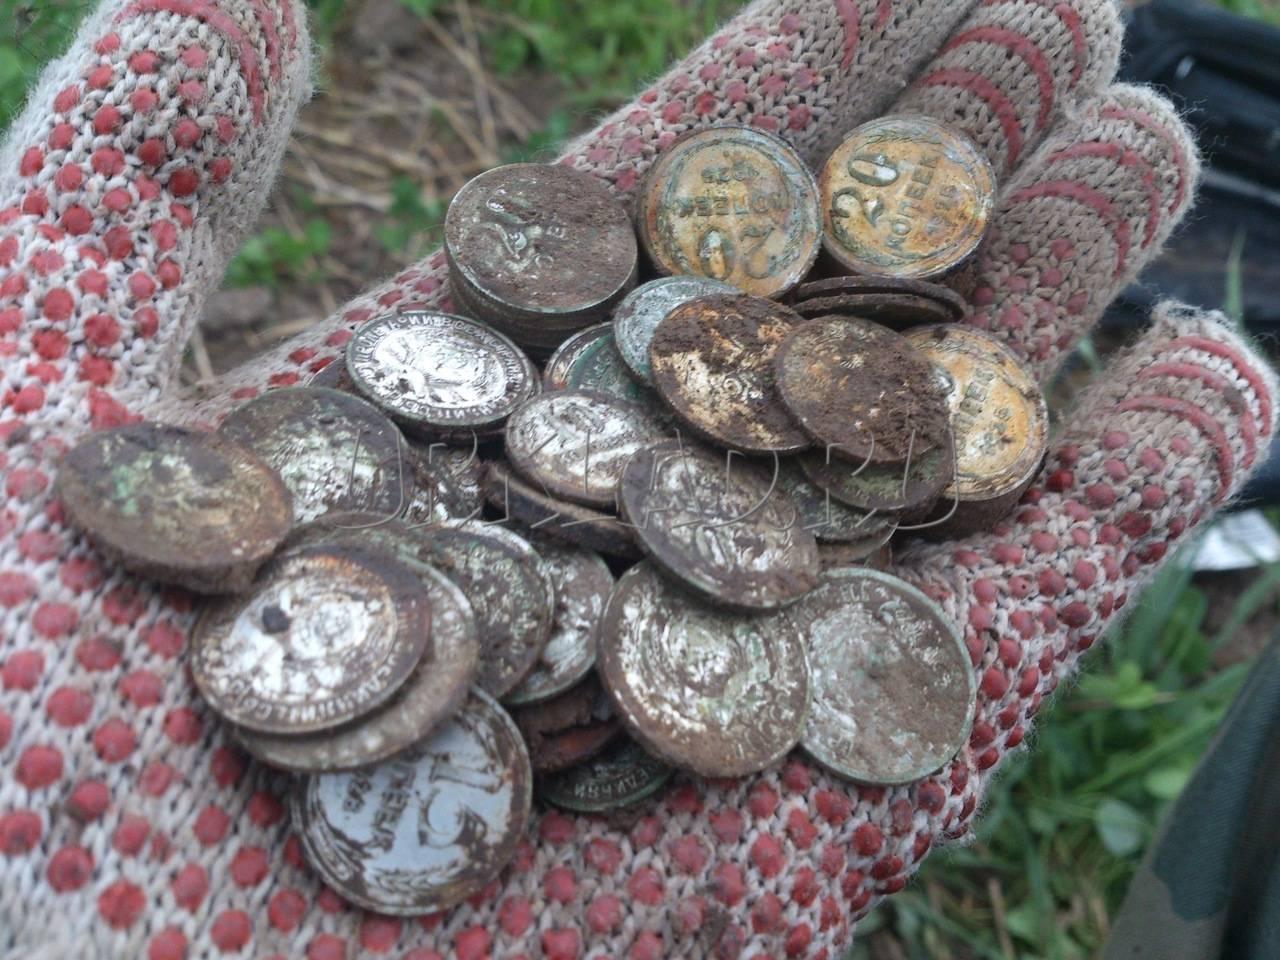 Где лучше искать клад. как найти клад с помощью магии и что такое зачарованный клад. распространённый монетный клад, который нашли при помощи металлоискателя